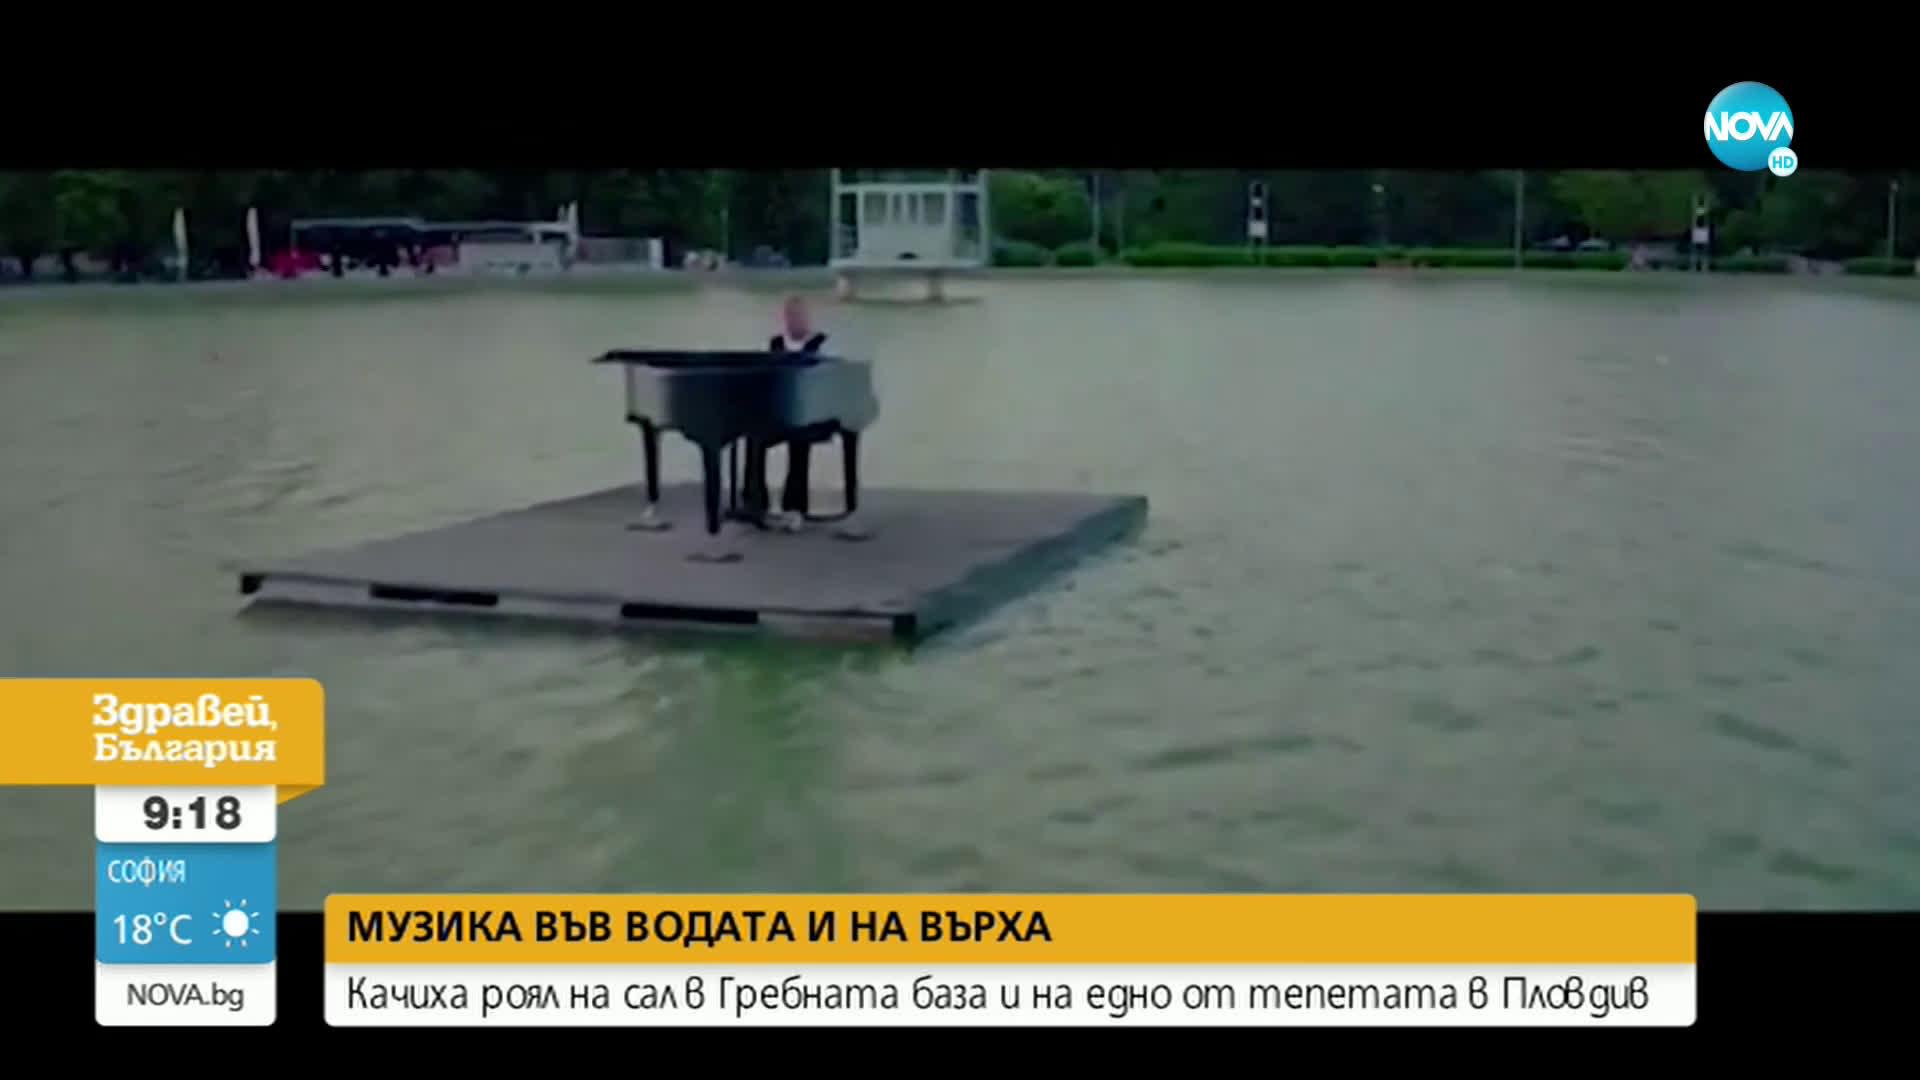 Качиха роял на сал в Гребната база и на едно от тепетата в Пловдив